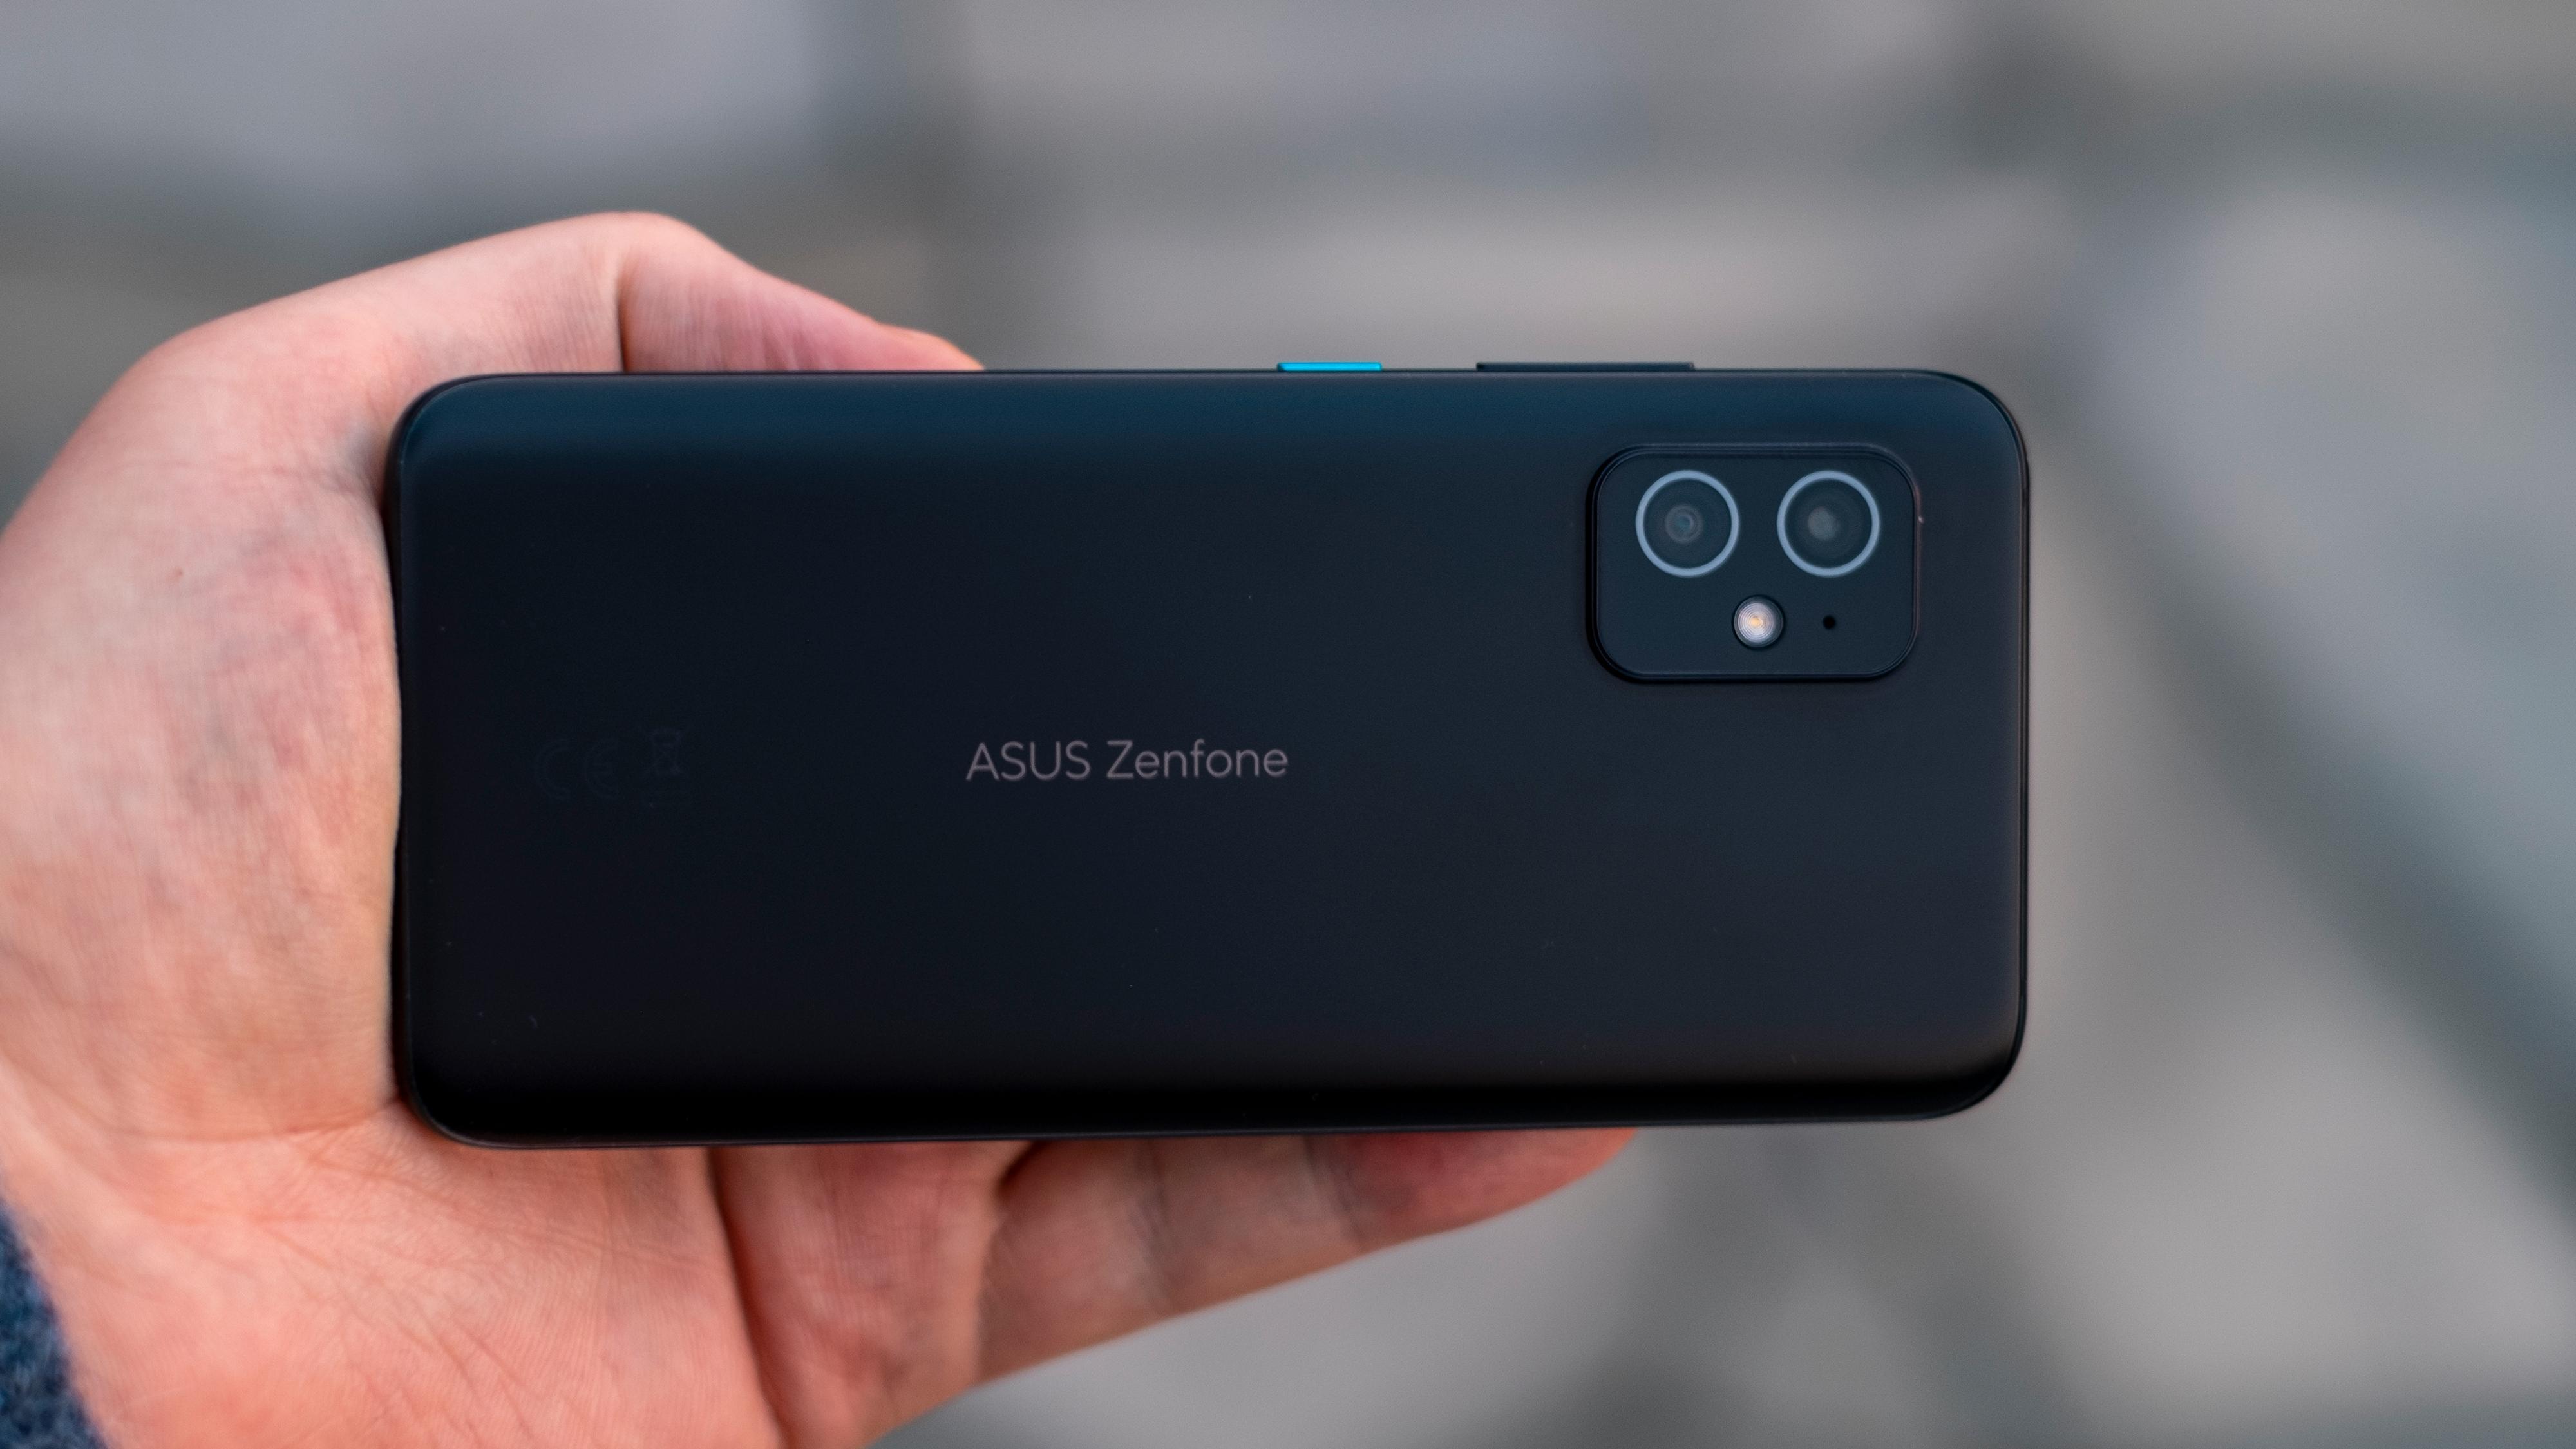 Telefonen fås i svart eller sølvfarget. Det er pent, men litt kjedelig - andre produsenter leker mer med farger, og også Asus selv er kreative når man ser til telefoner i ROG-serien.